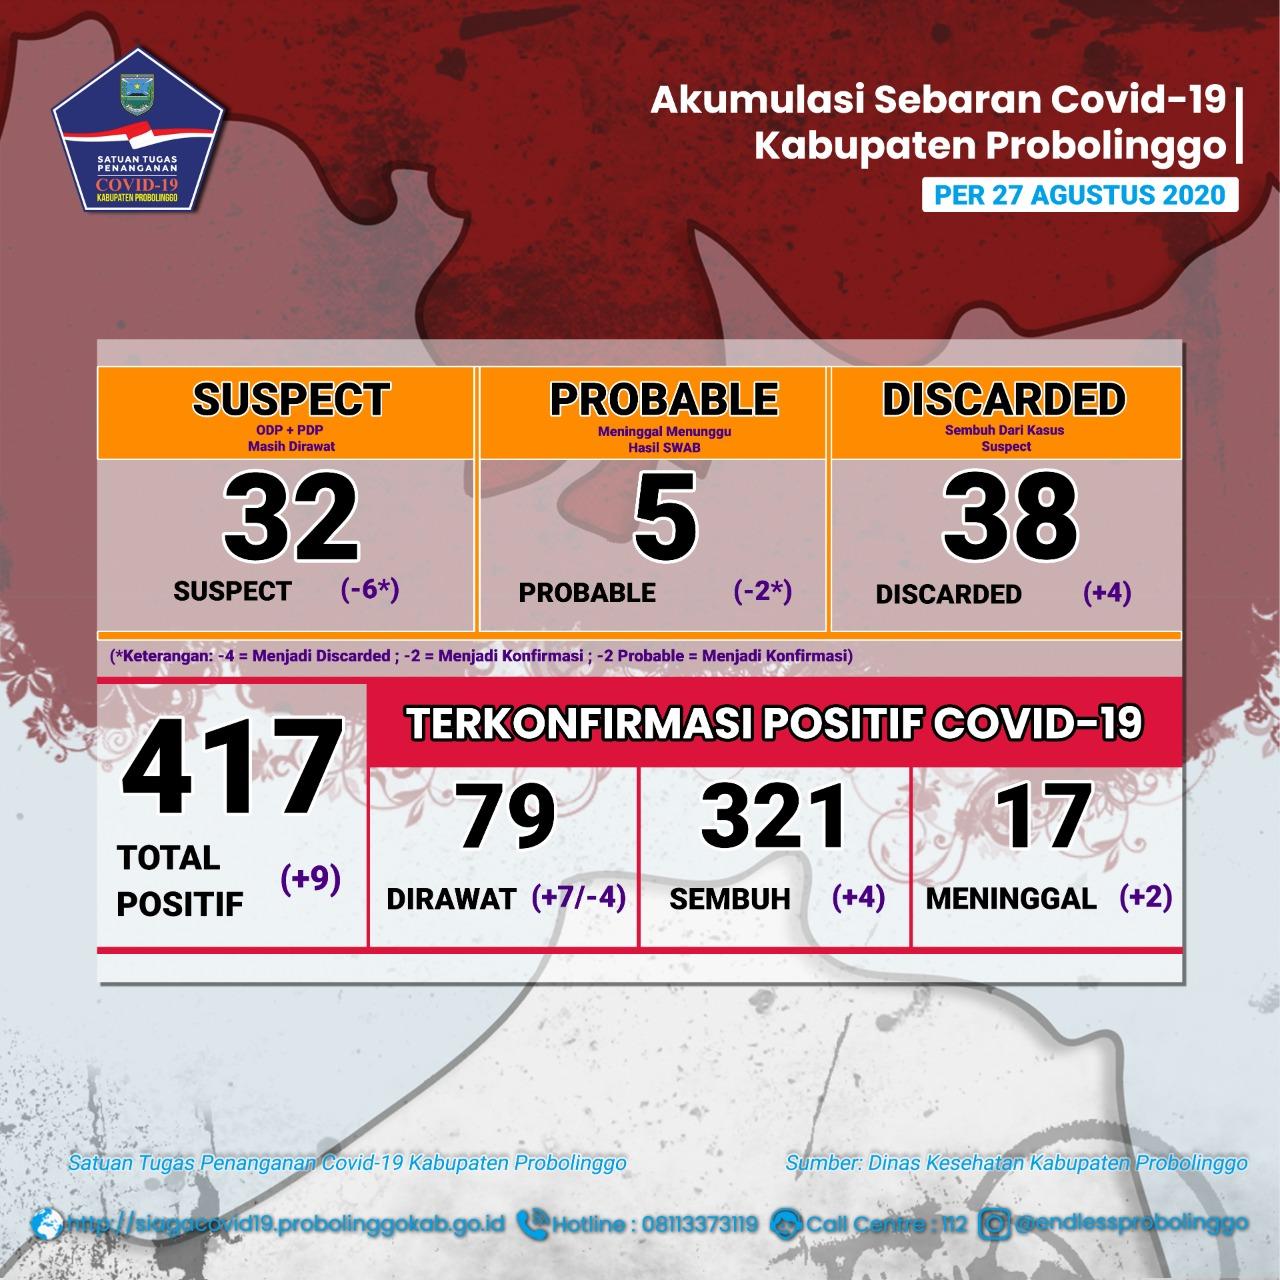 Akumulasi Sebaran Covid-19 Kabupaten Probolinggo per-27 Agustus 2020